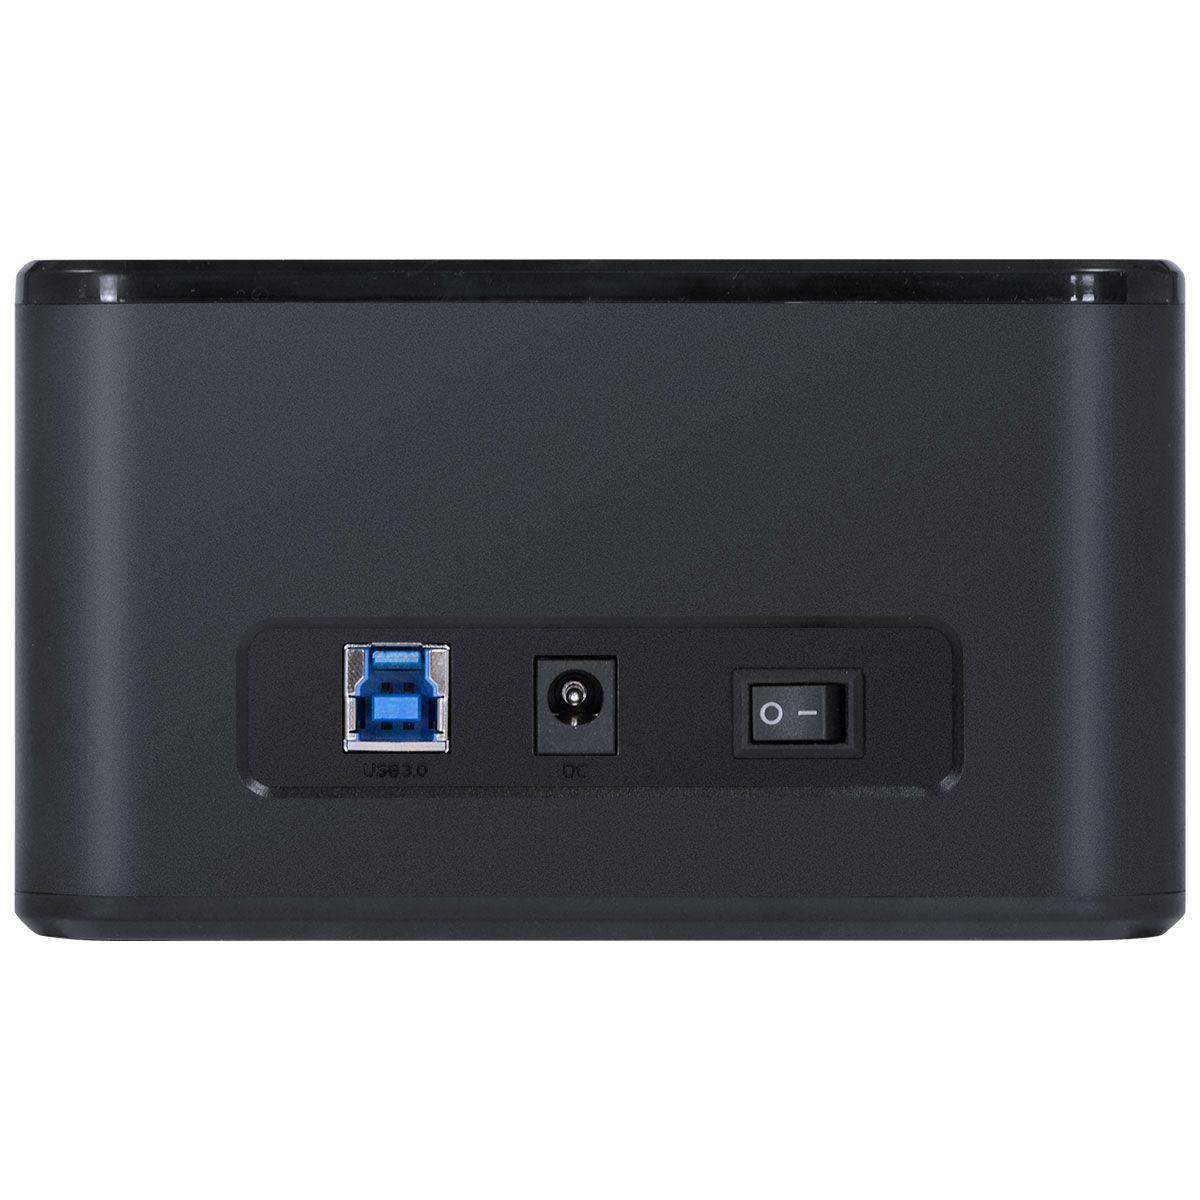 """DUPLICADOR DE HD DOCKING STATION 2.5"""" E 3.5"""" CONEXÃO USB 3.0 PARA SATA - DP35-A30B vinik"""